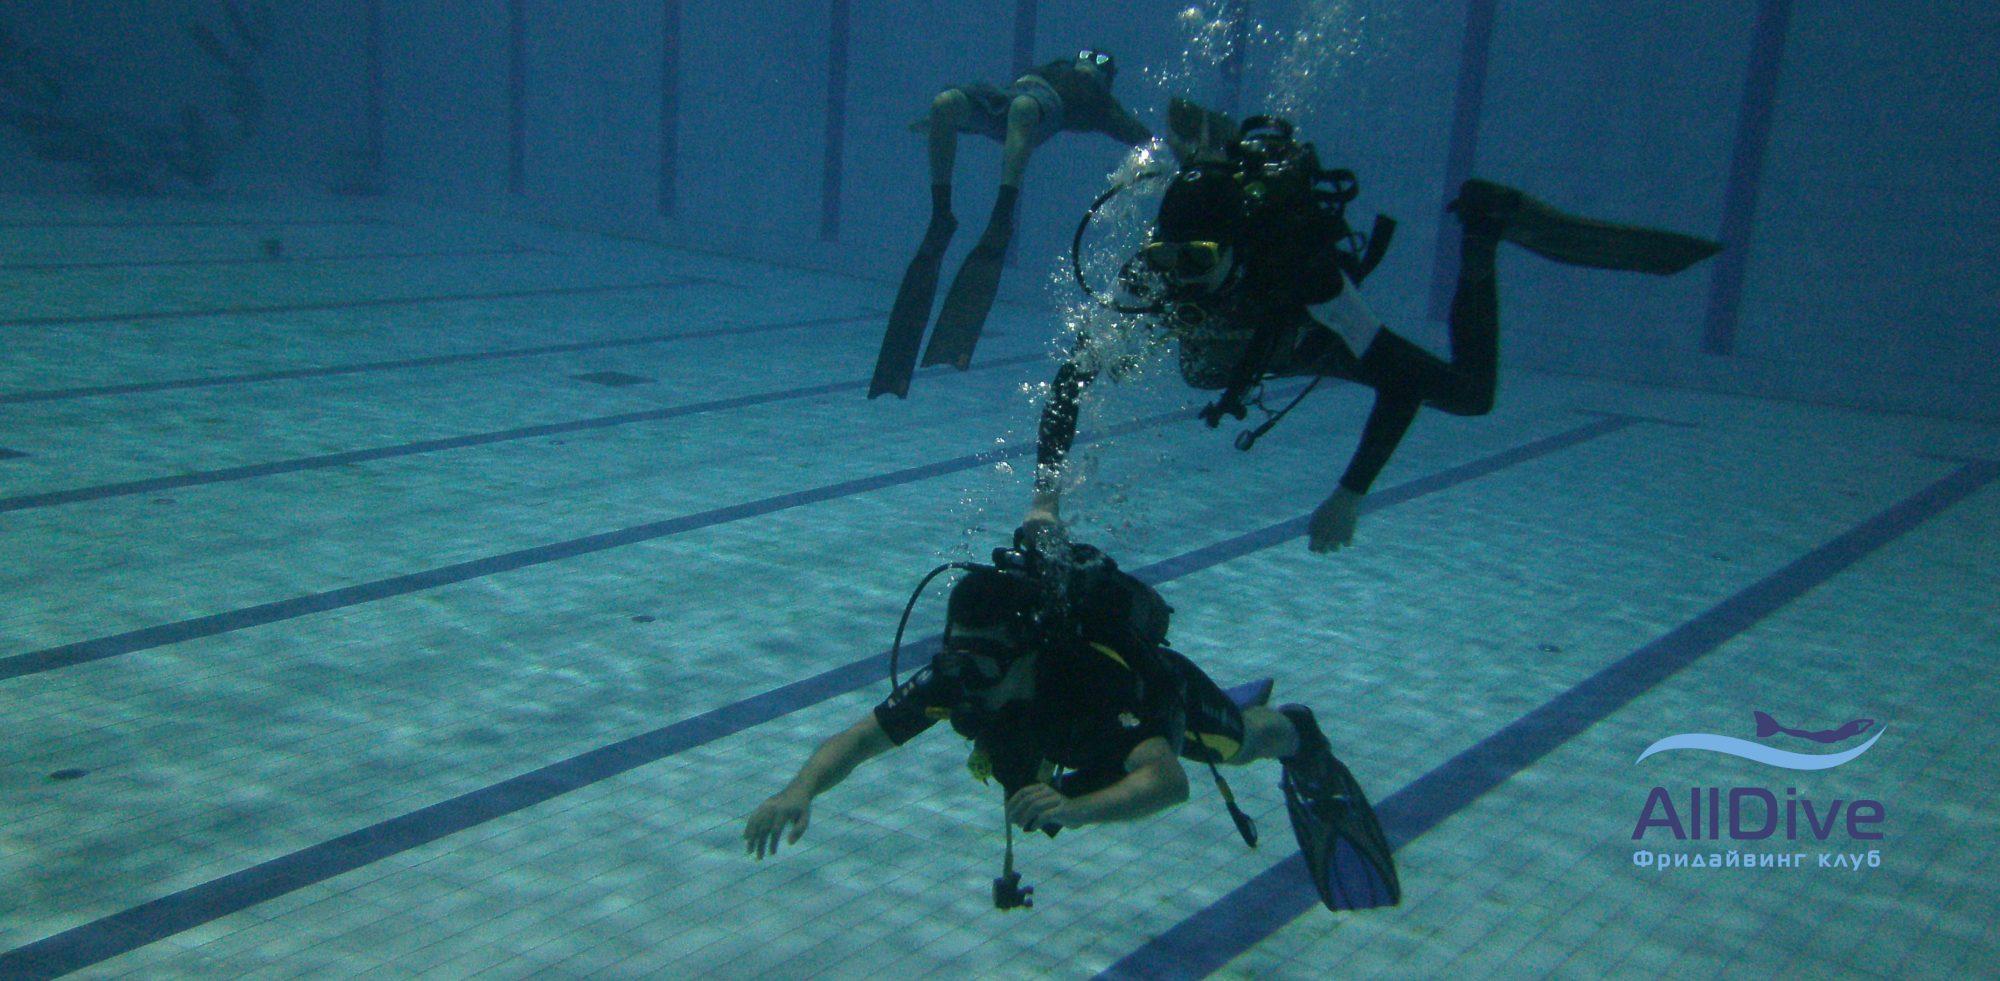 обучение дайвингу, дайвинг курсы, обучение дайвингу в спб, сертификат дайвера, дайвинг в санкт-петербурге, ssi санкт-петербург, обучение ssi open water, курсы дайвинга ssi, научиться нырять